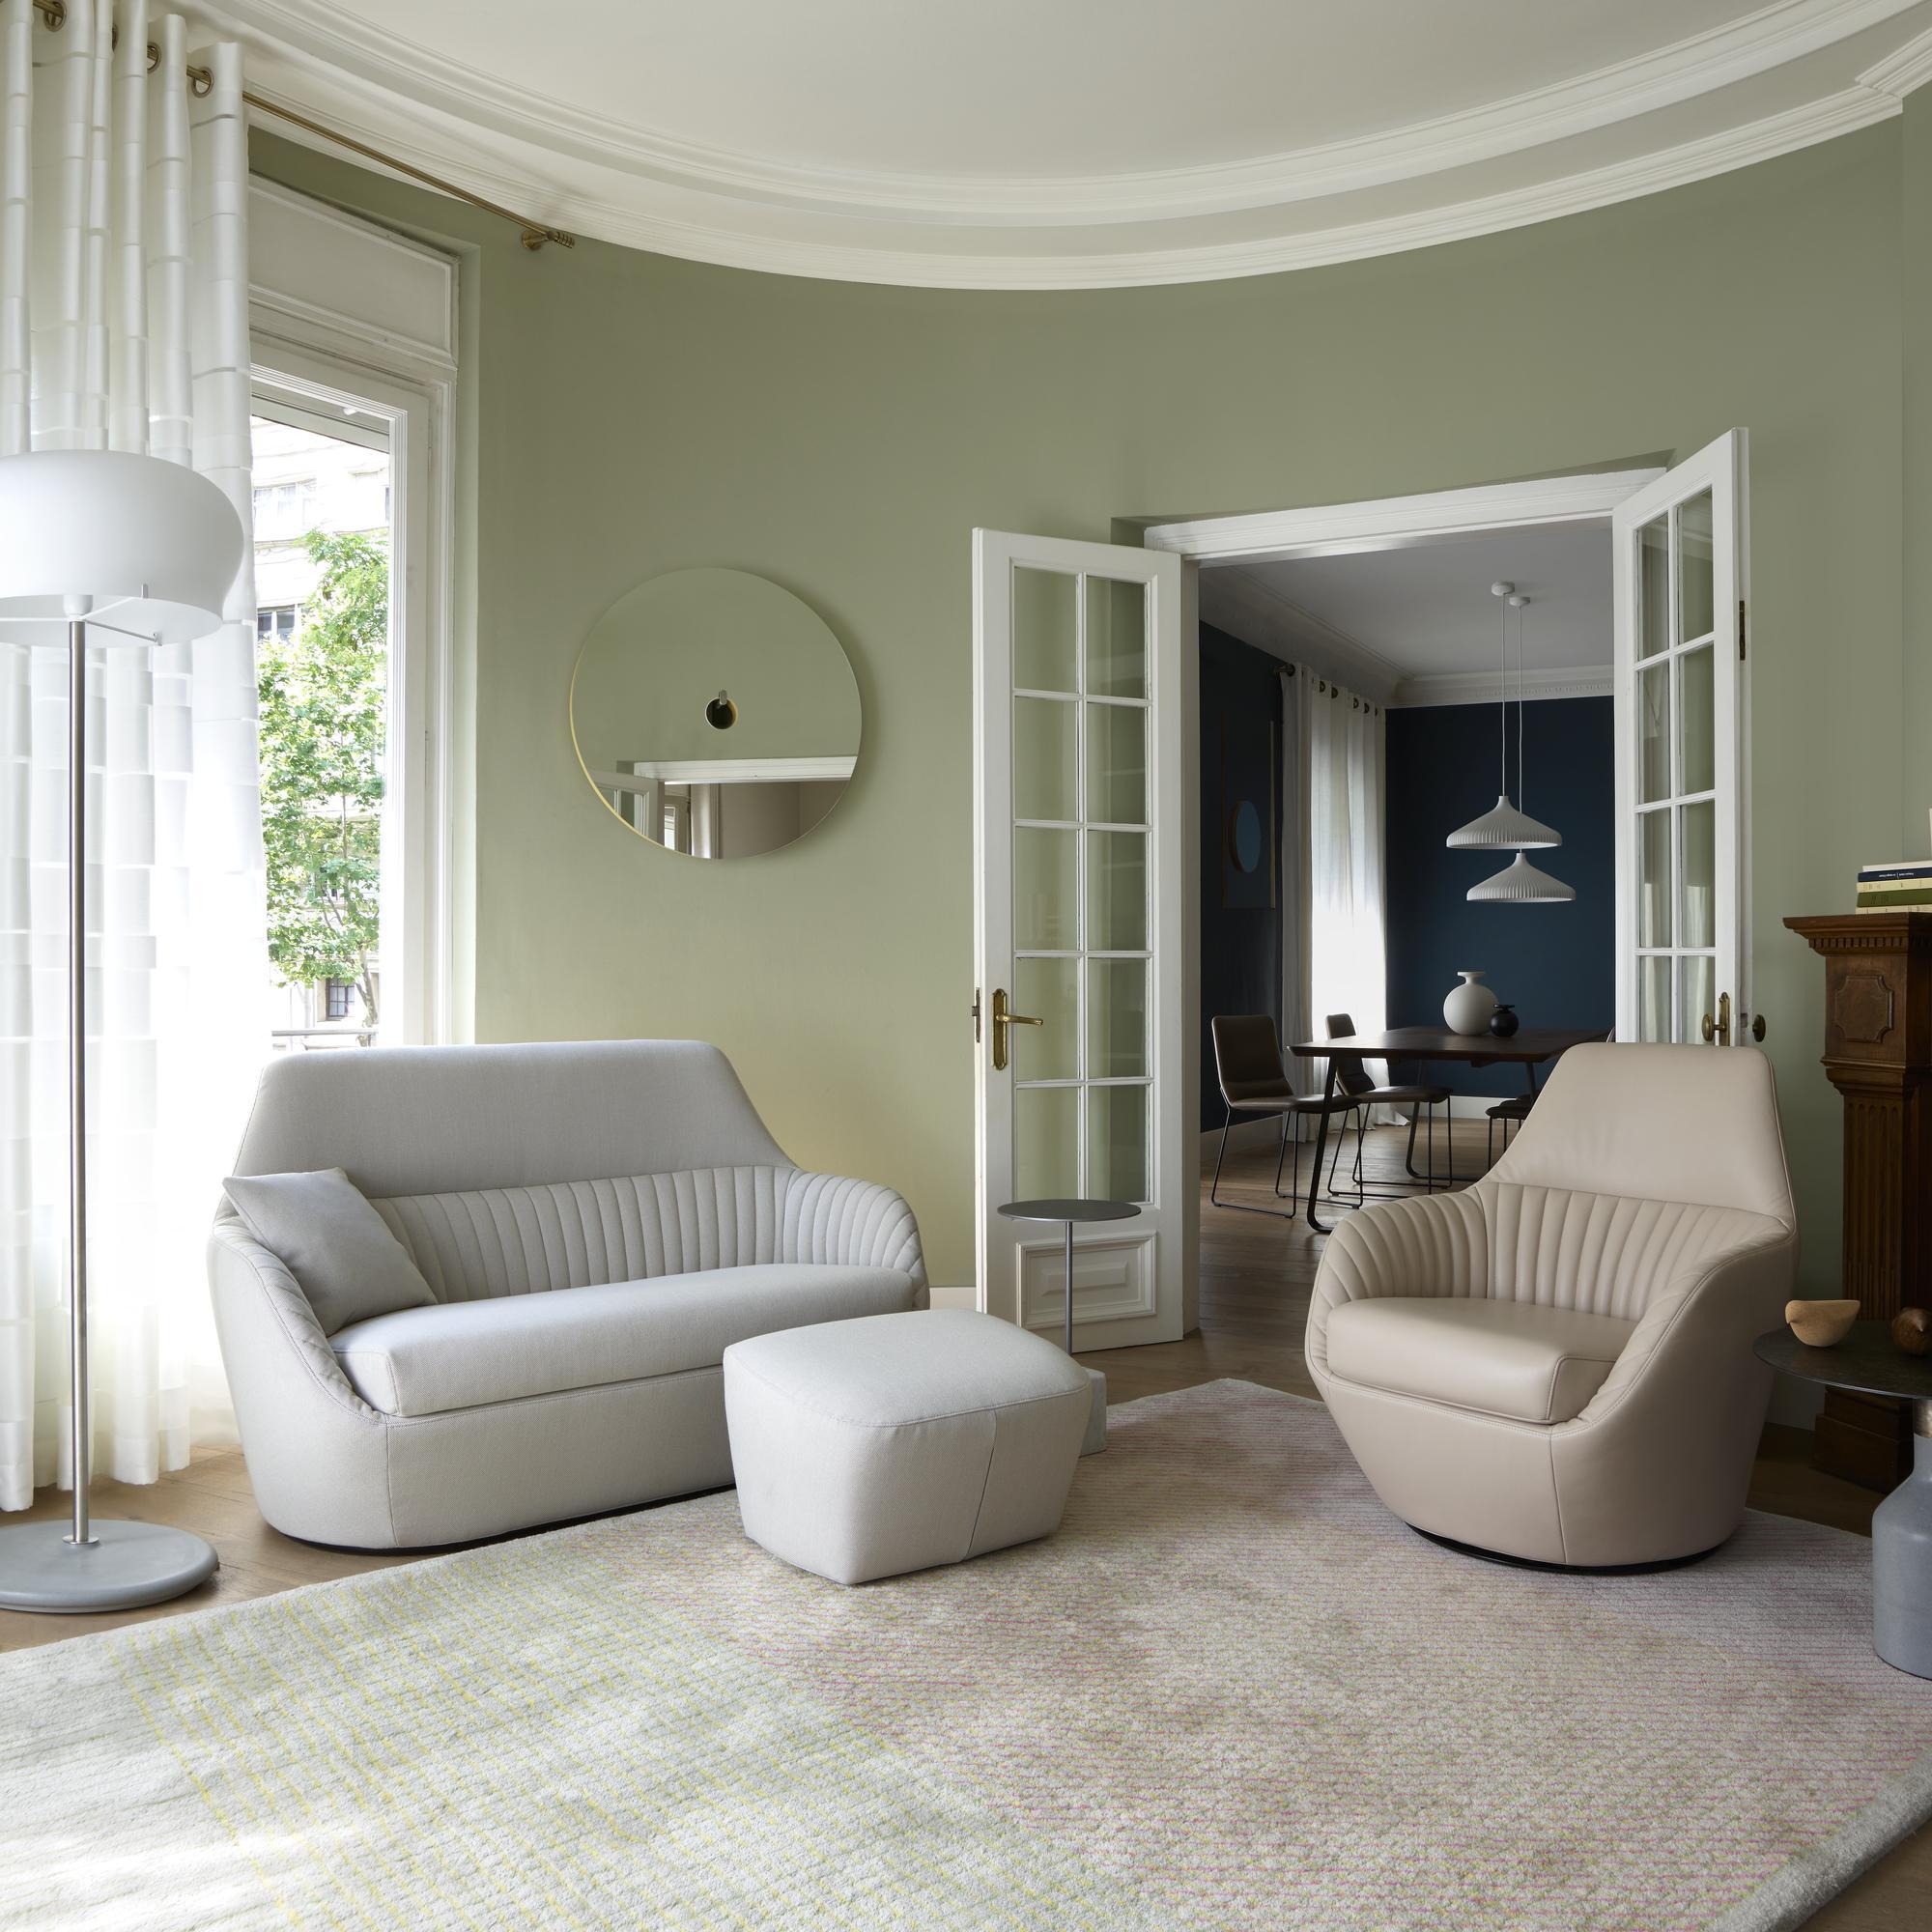 tramage alfombras designer vincent tordjman ligne roset. Black Bedroom Furniture Sets. Home Design Ideas